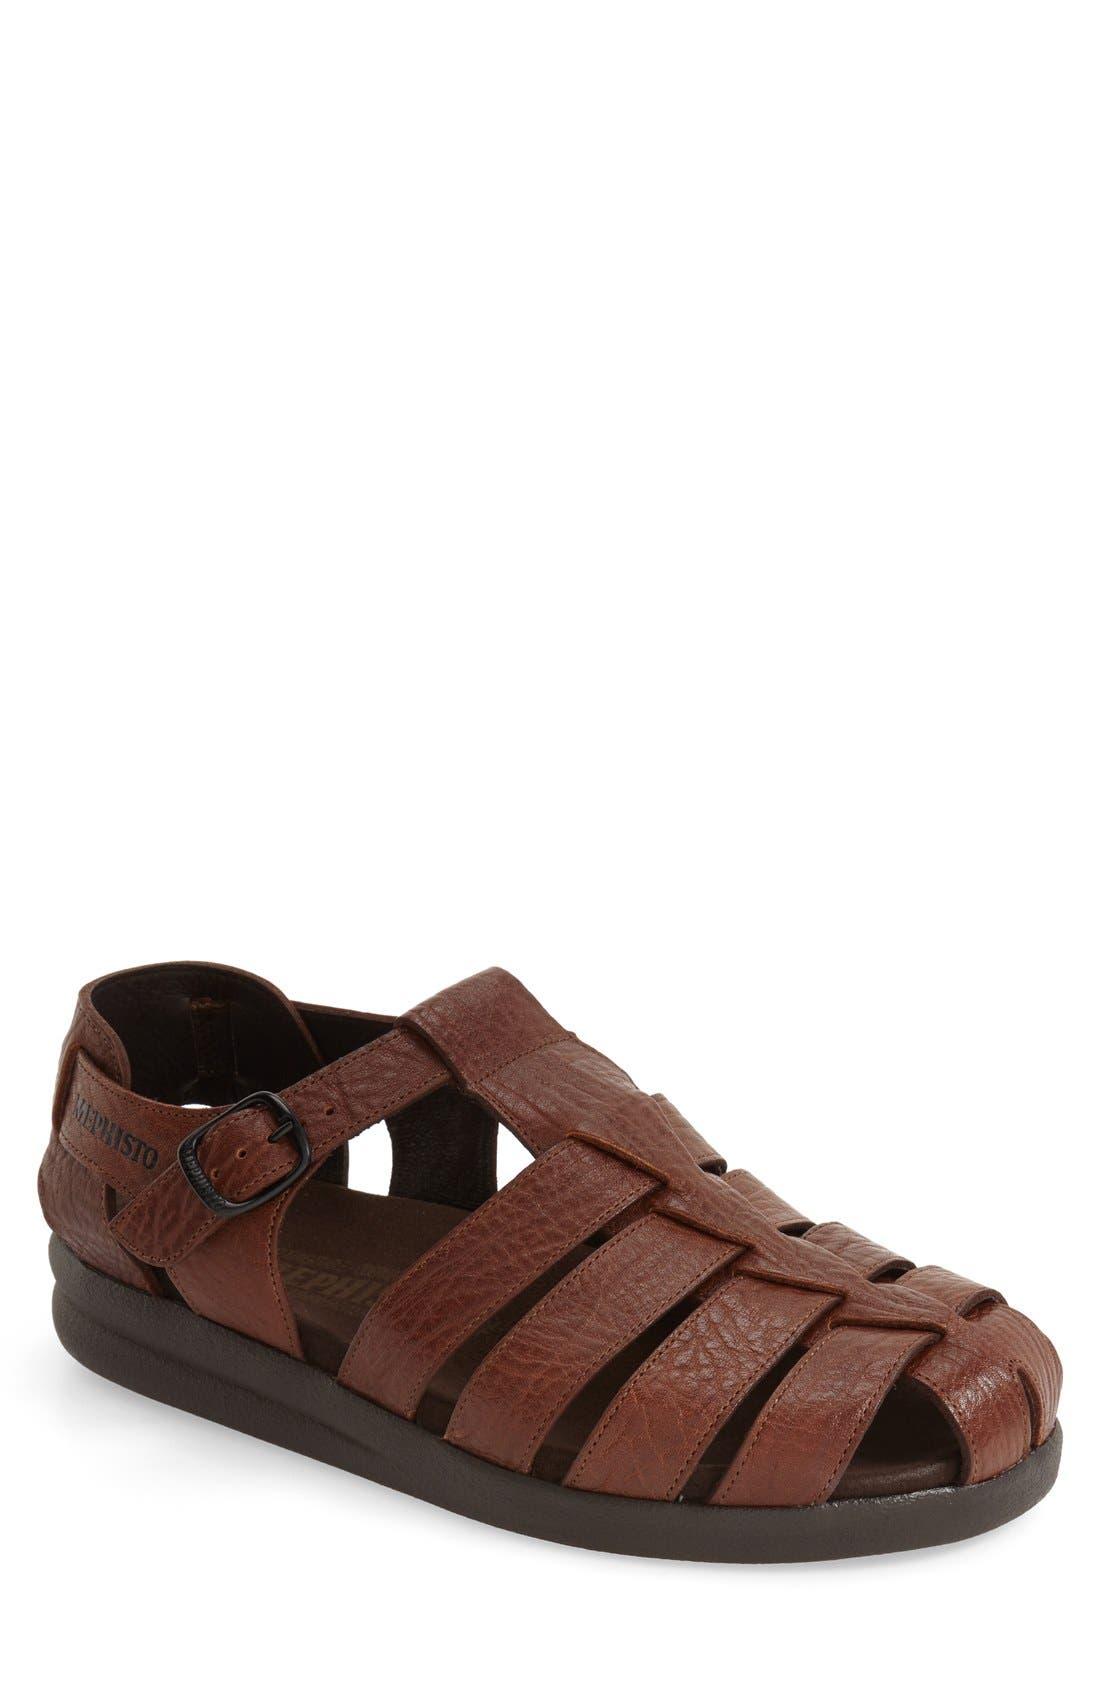 Alternate Image 1 Selected - Mephisto 'Sam' Sandal